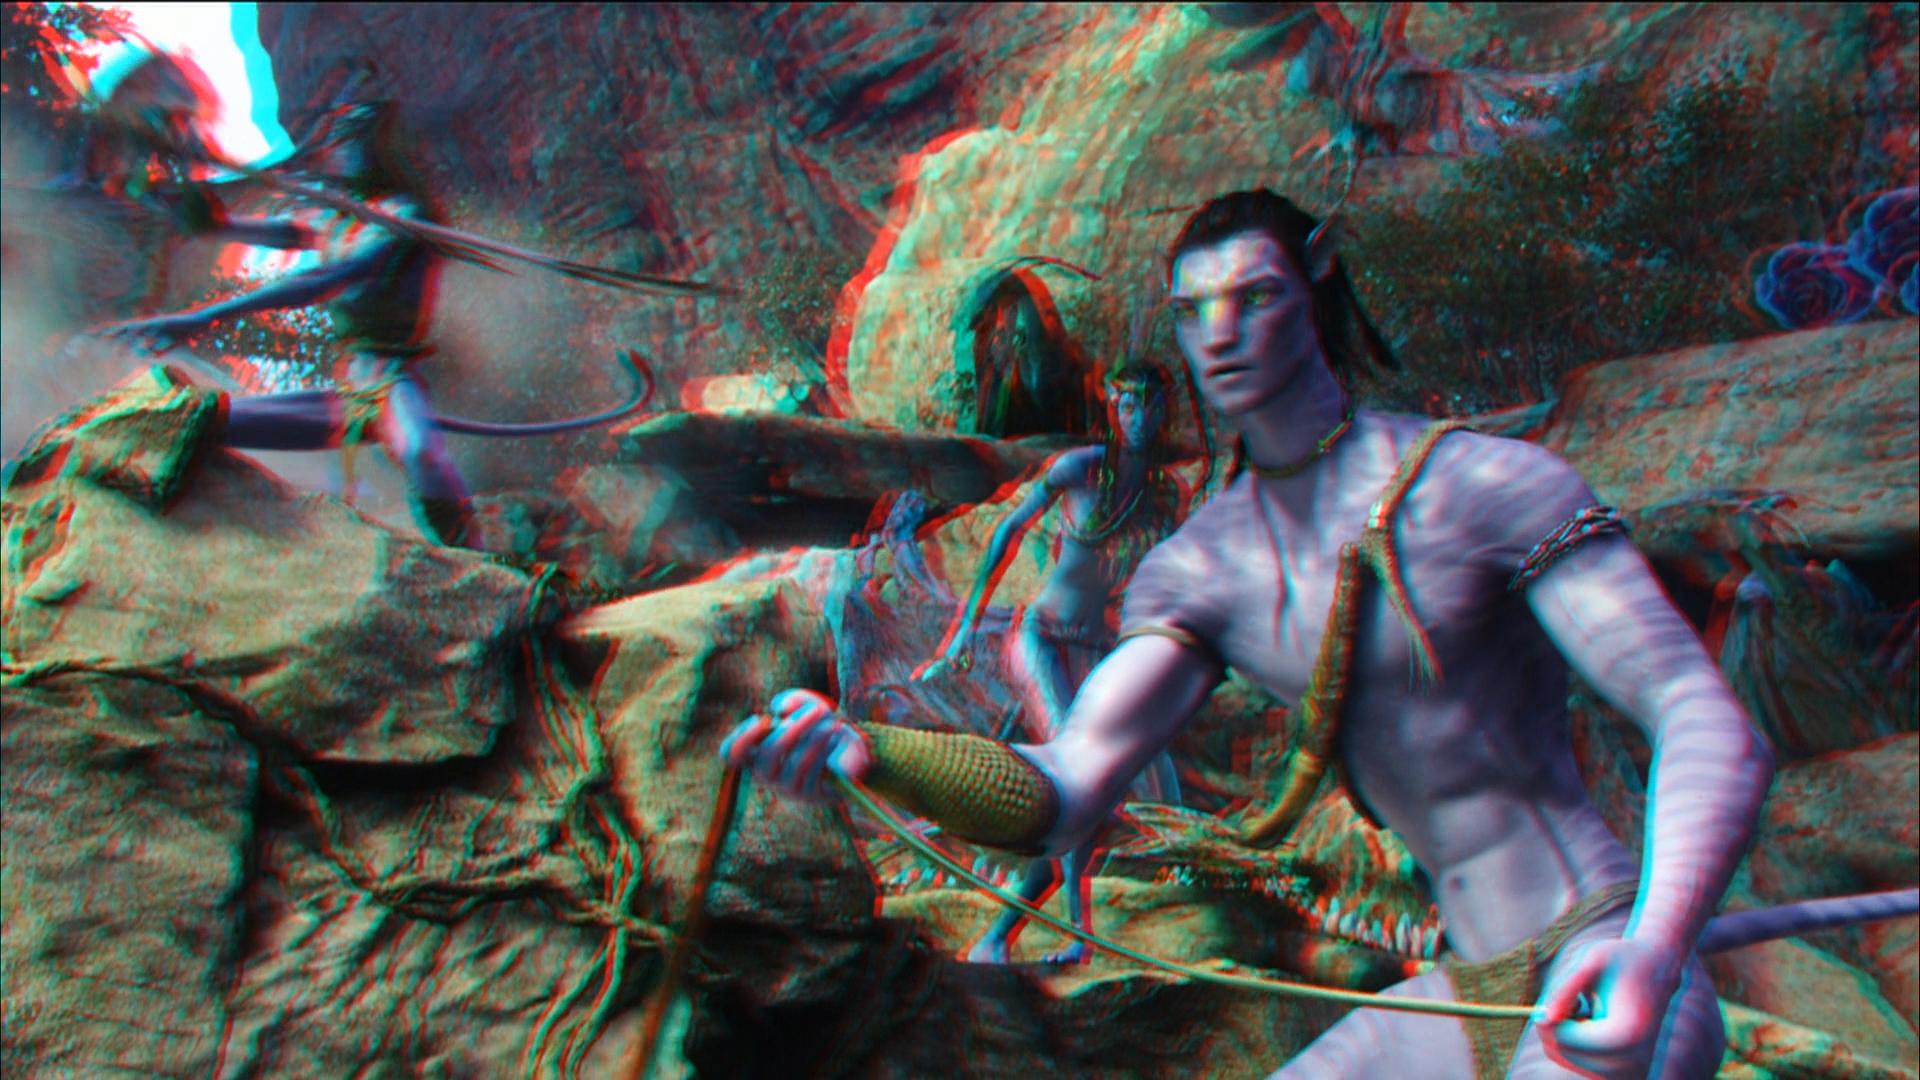 3gp 3d monster full pornmovie nude movie